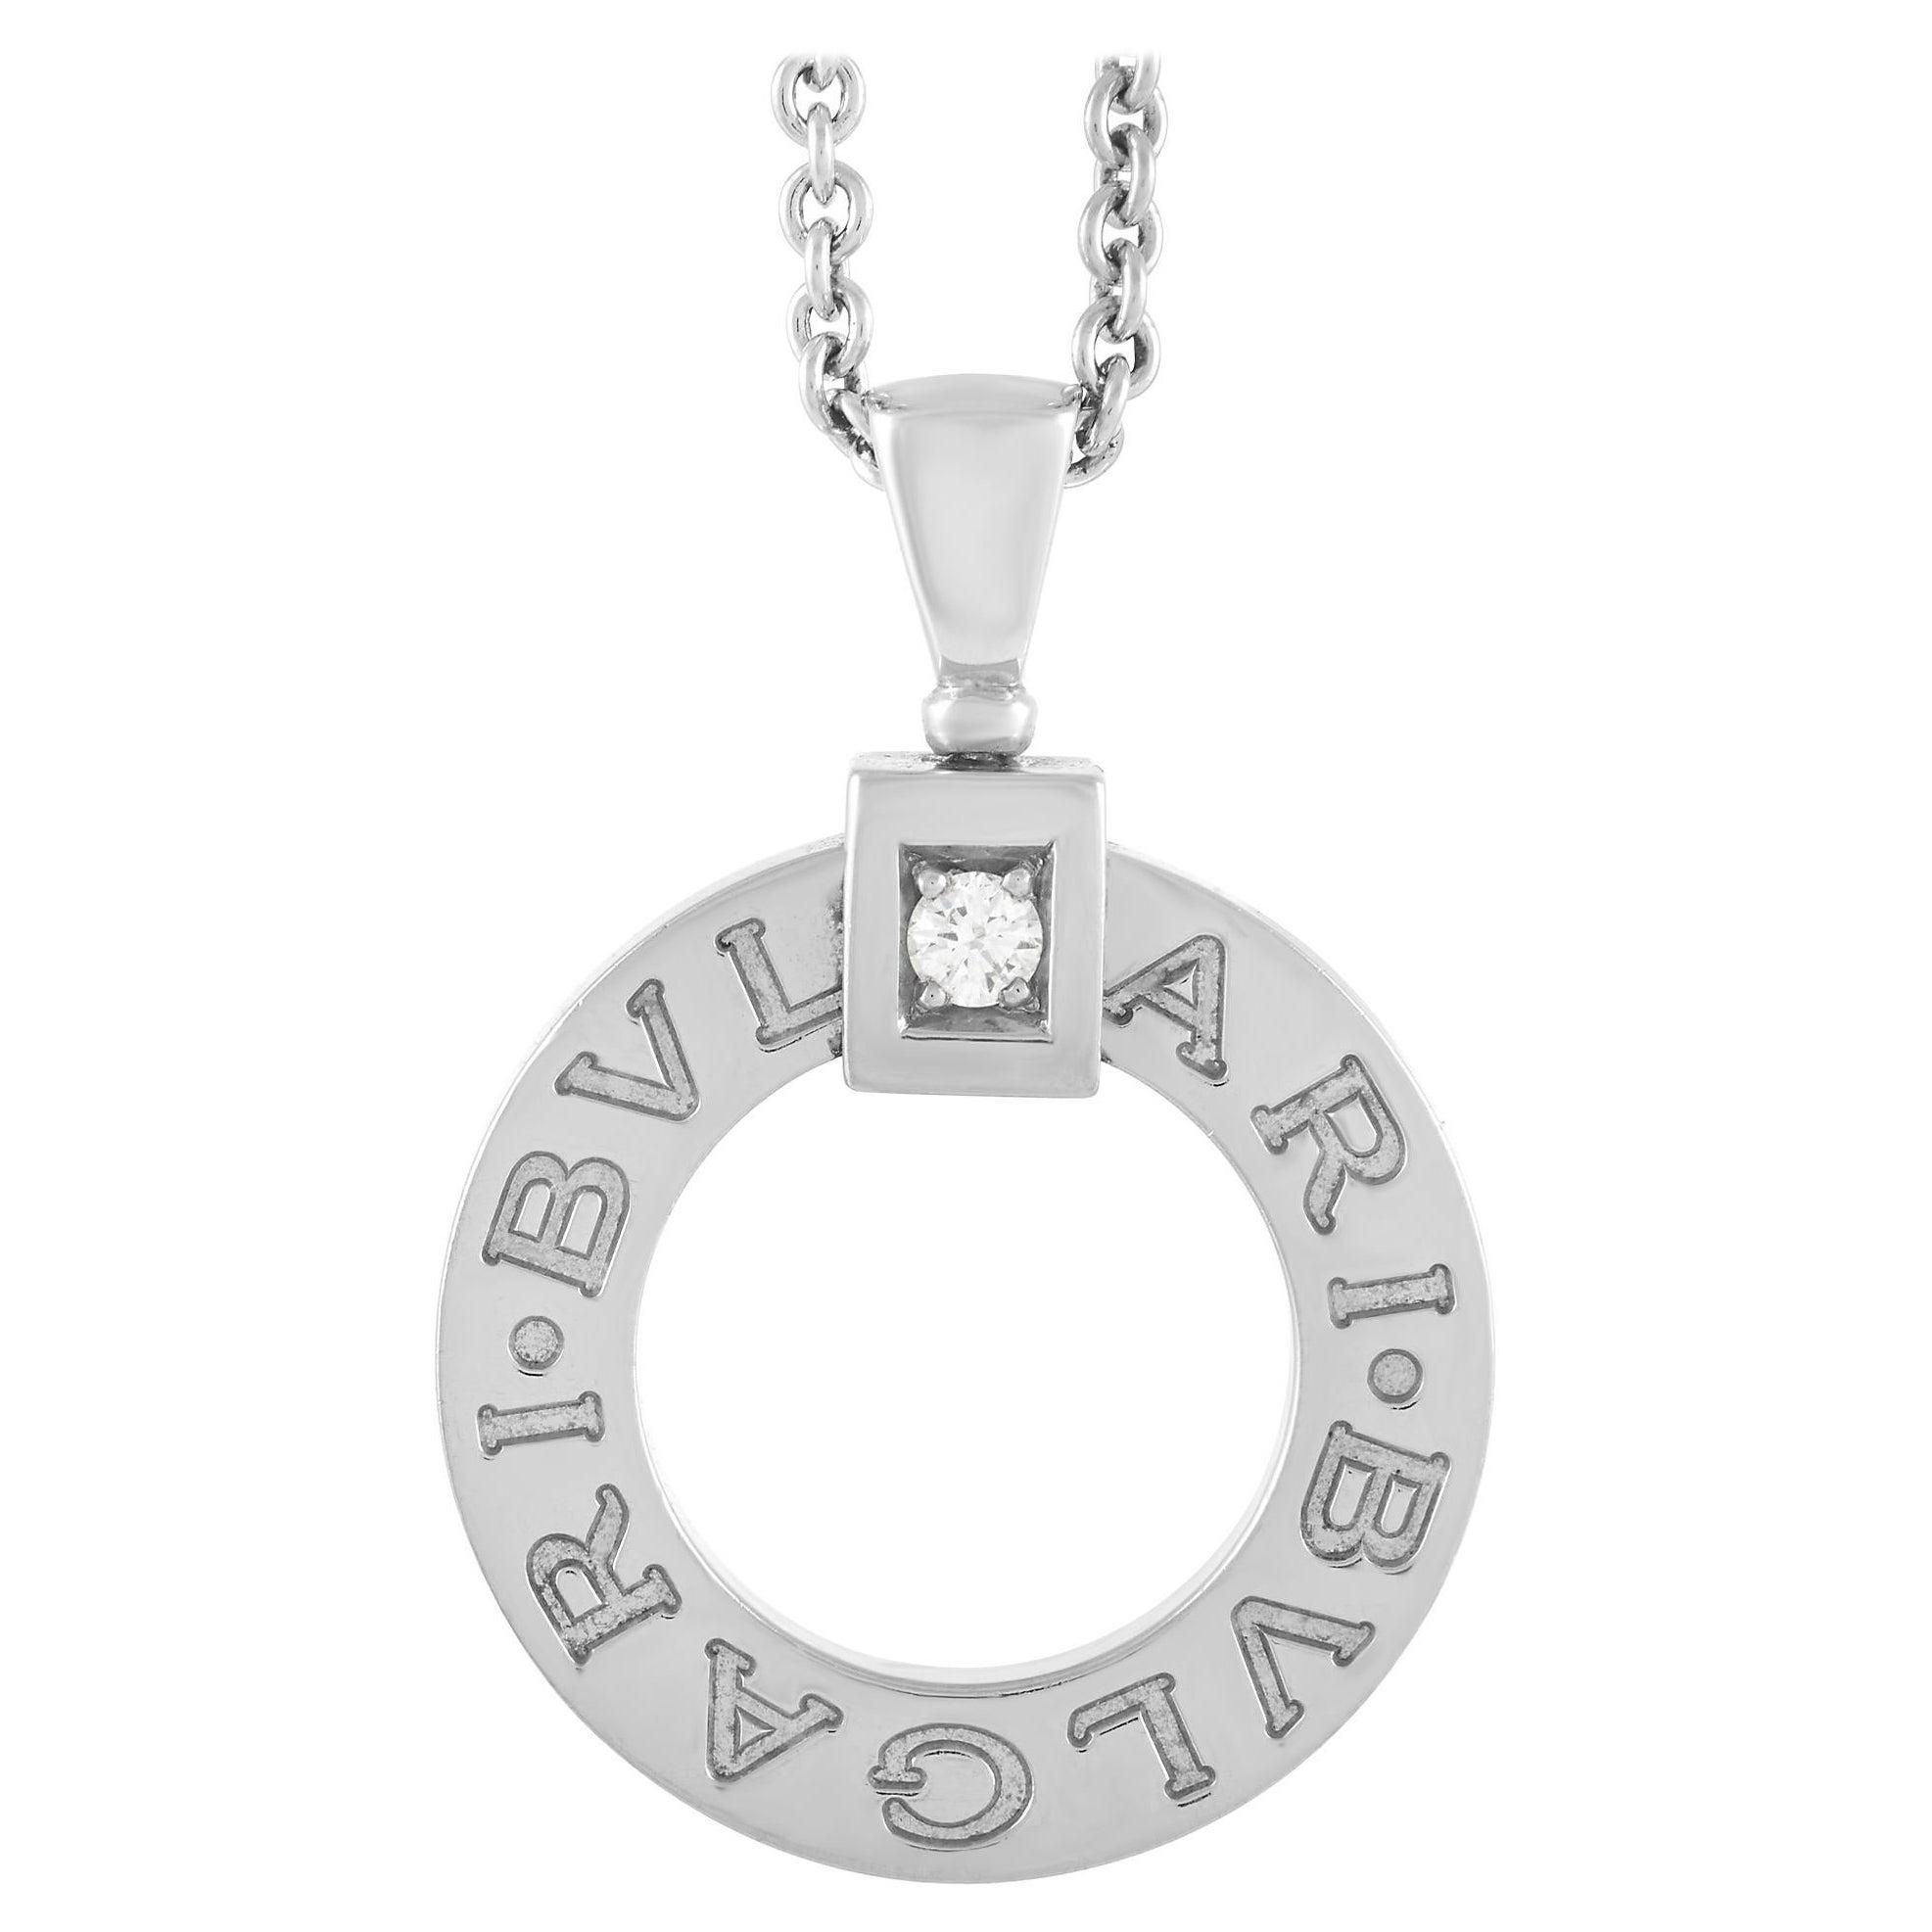 Bvlgari 18K White Gold Diamond Pendant Necklace